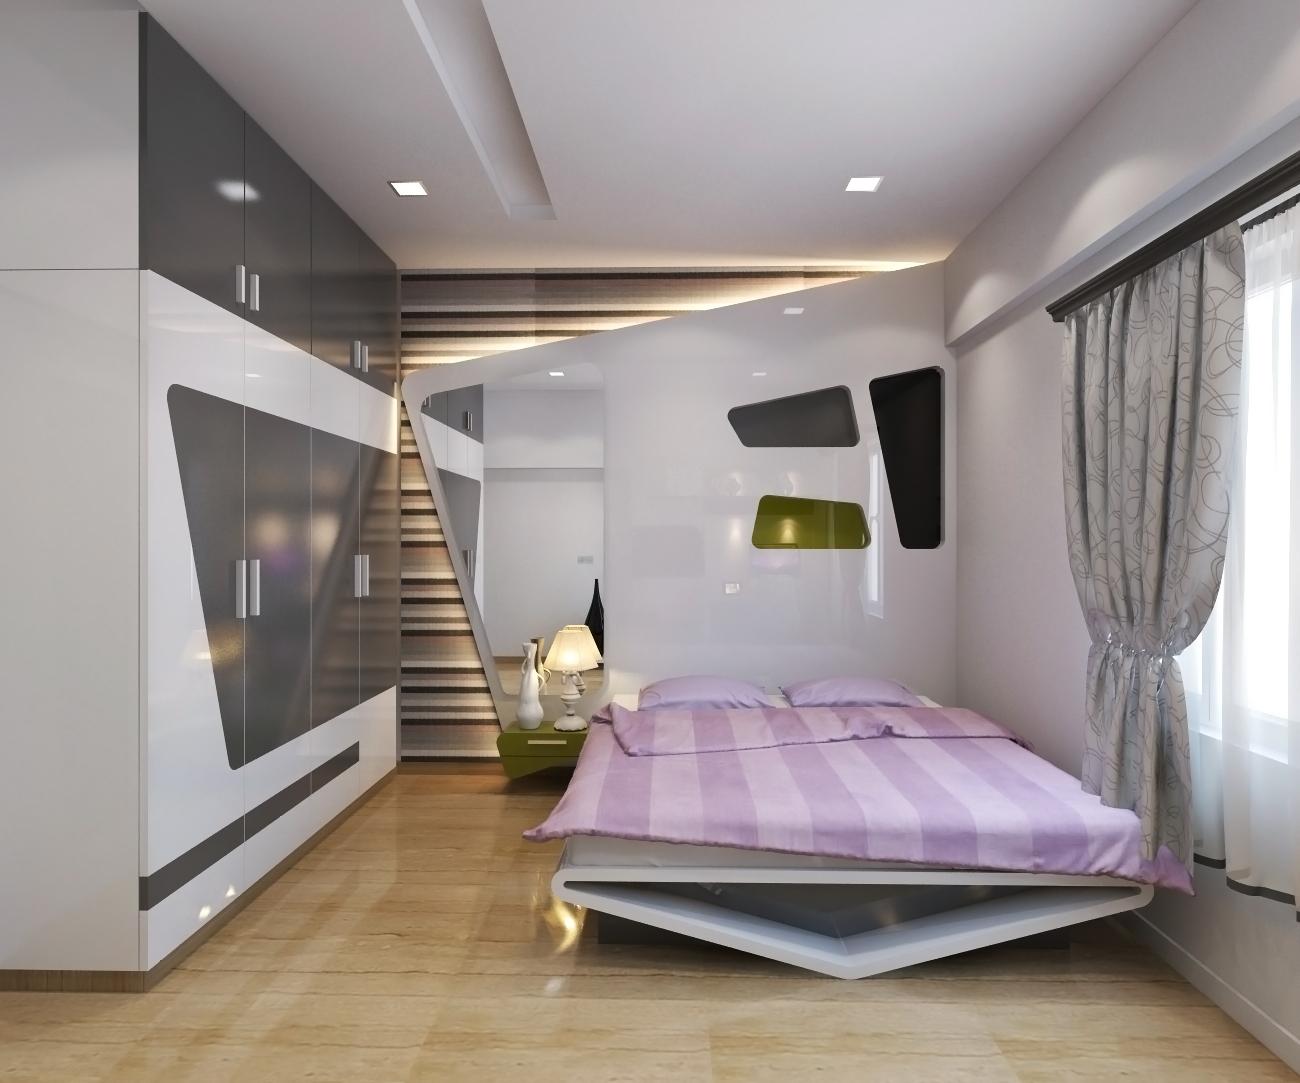 Shanth 3D: Master Bedroom